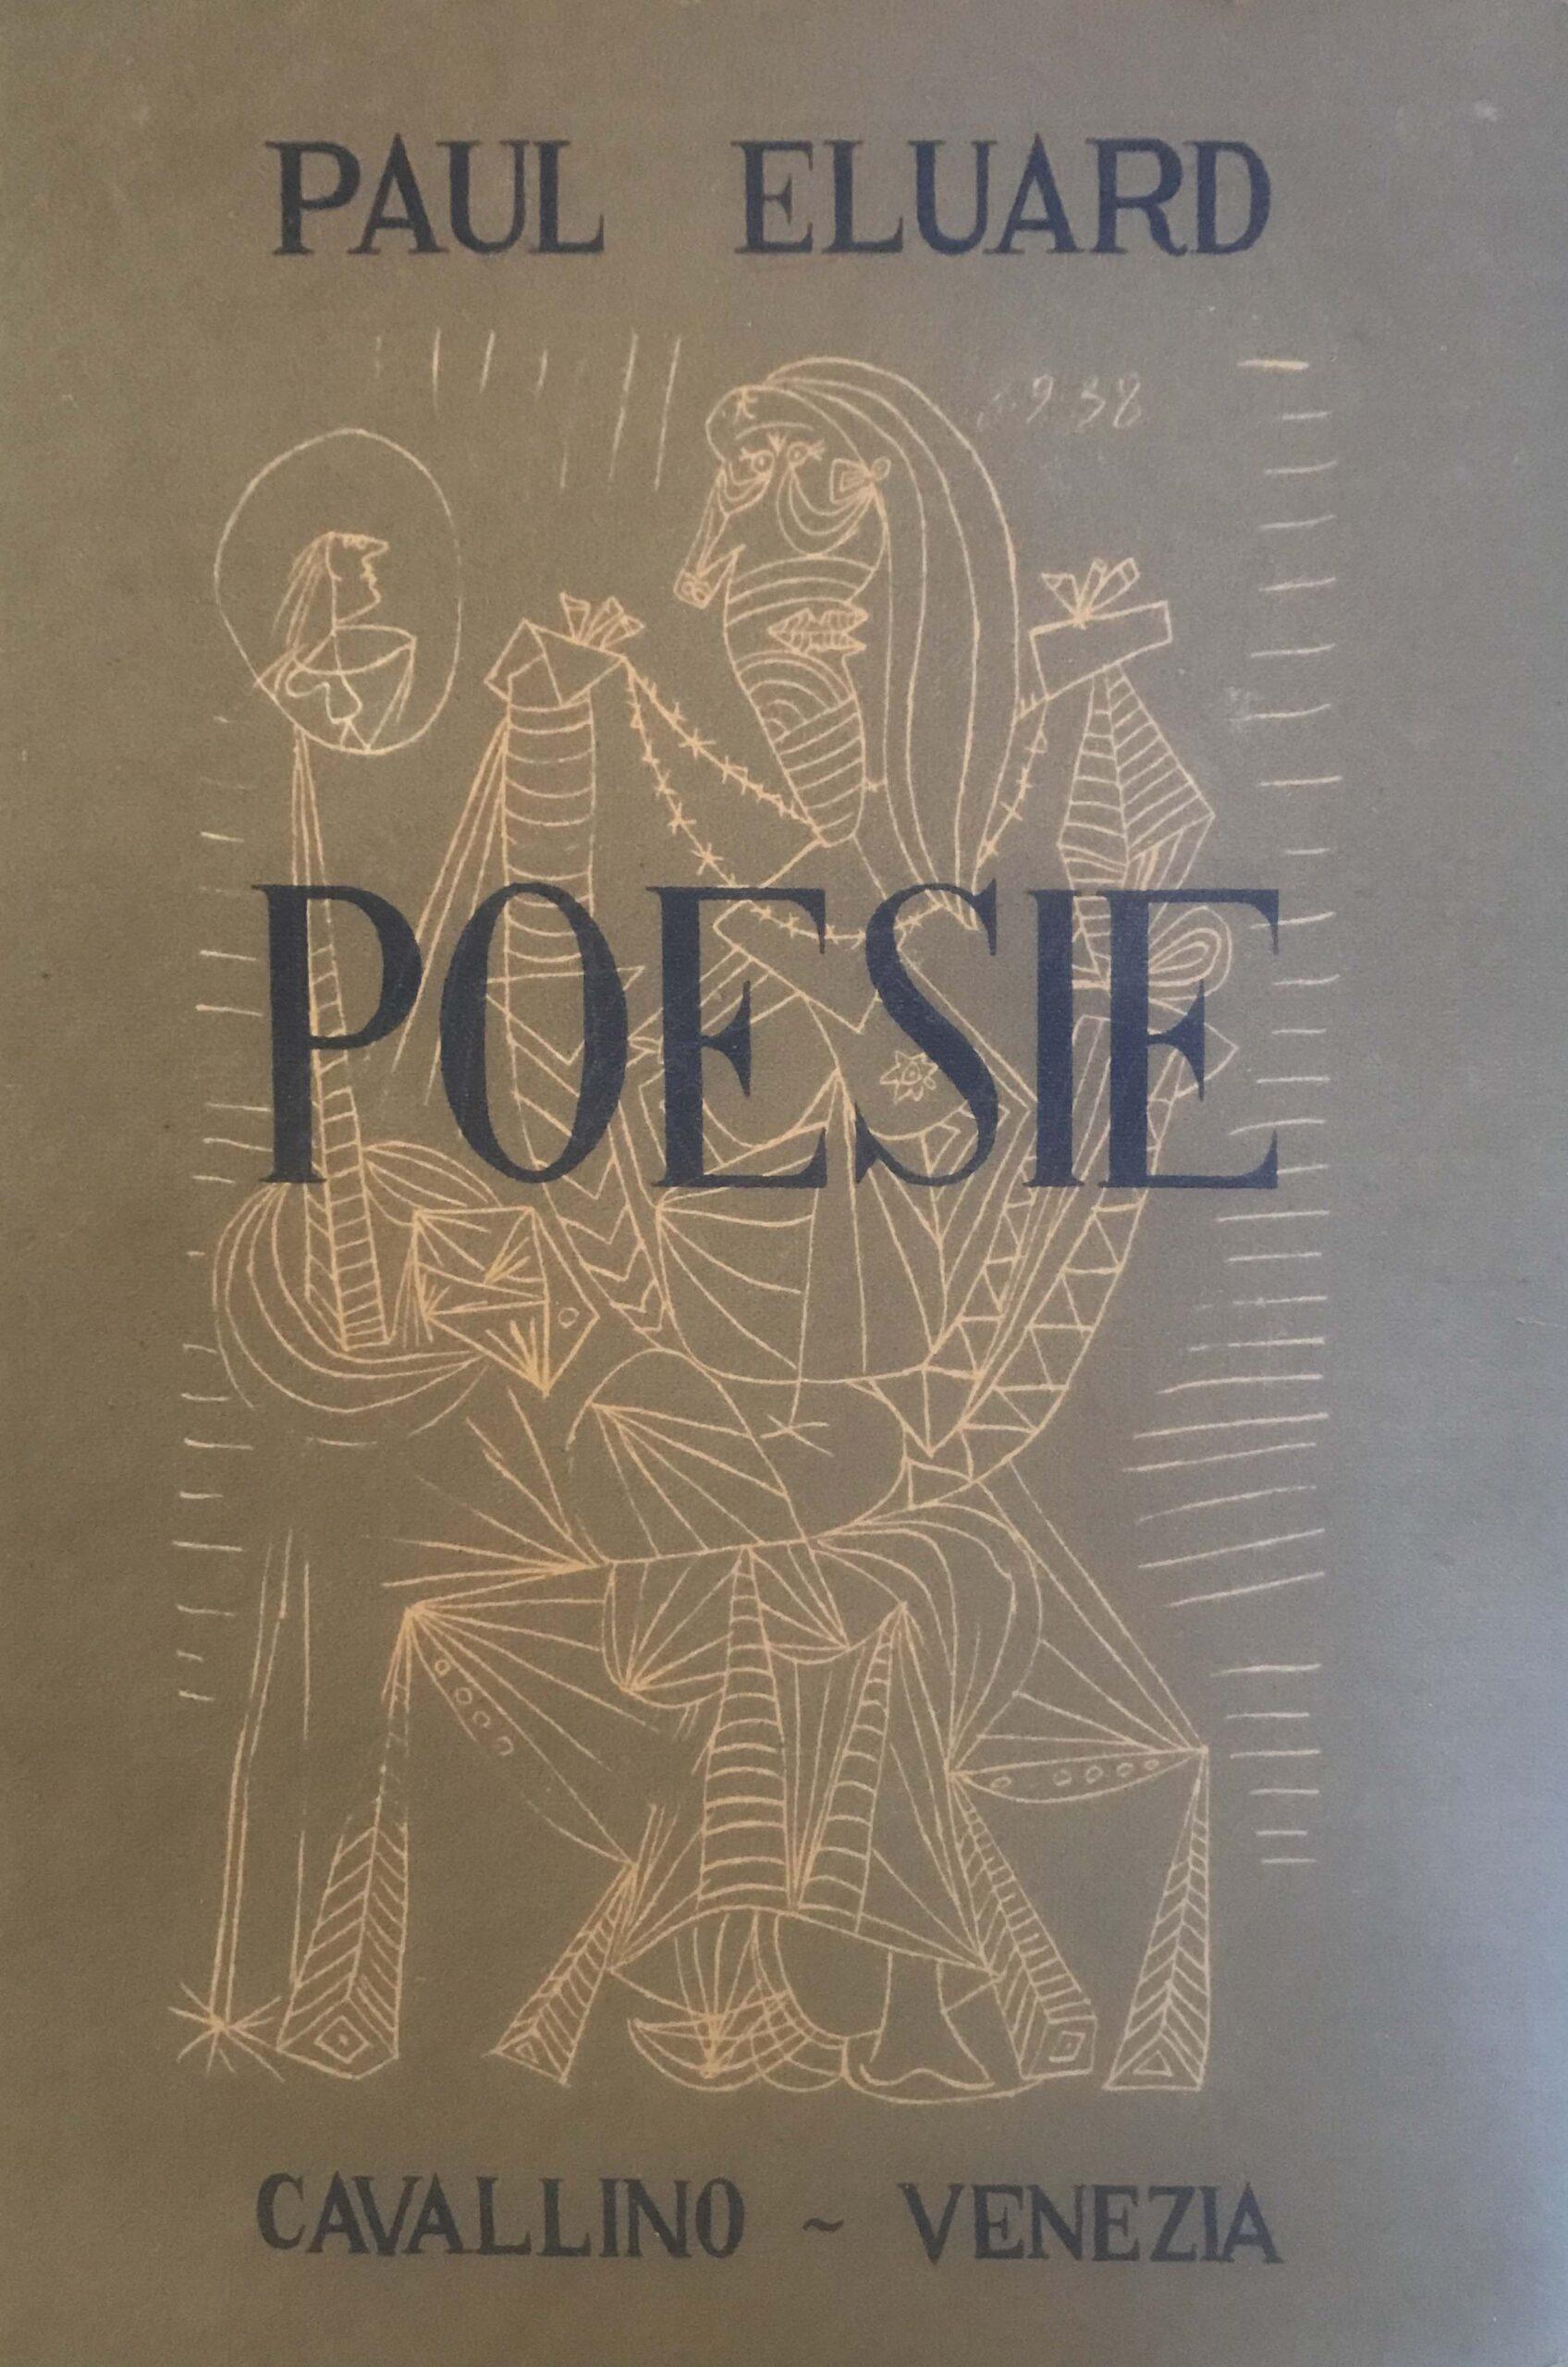 Poesie, di Paul Eluard – Edizioni del Cavallino